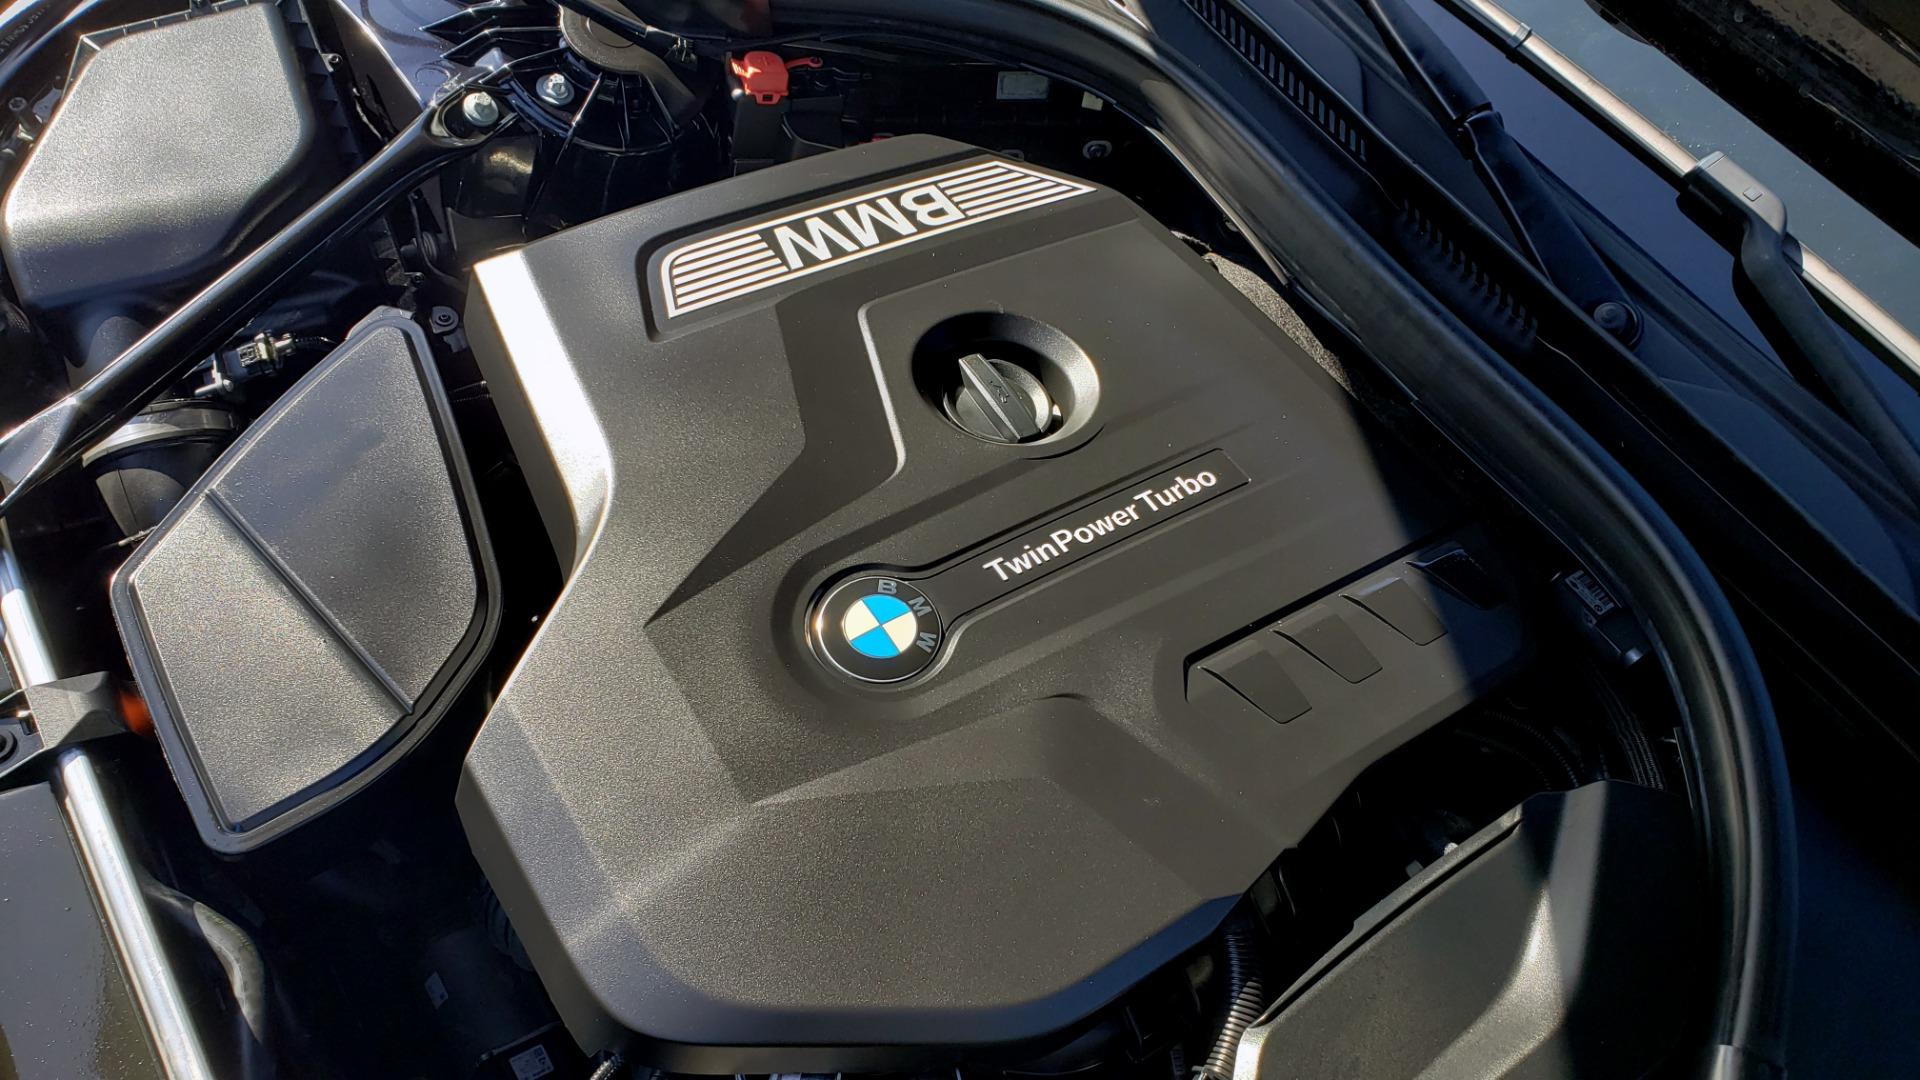 Used 2017 BMW 5 SERIES 530I M-SPORT / PREM PKG / DRVR ASST / HUD / NAV / REARVIEW for sale $33,995 at Formula Imports in Charlotte NC 28227 11